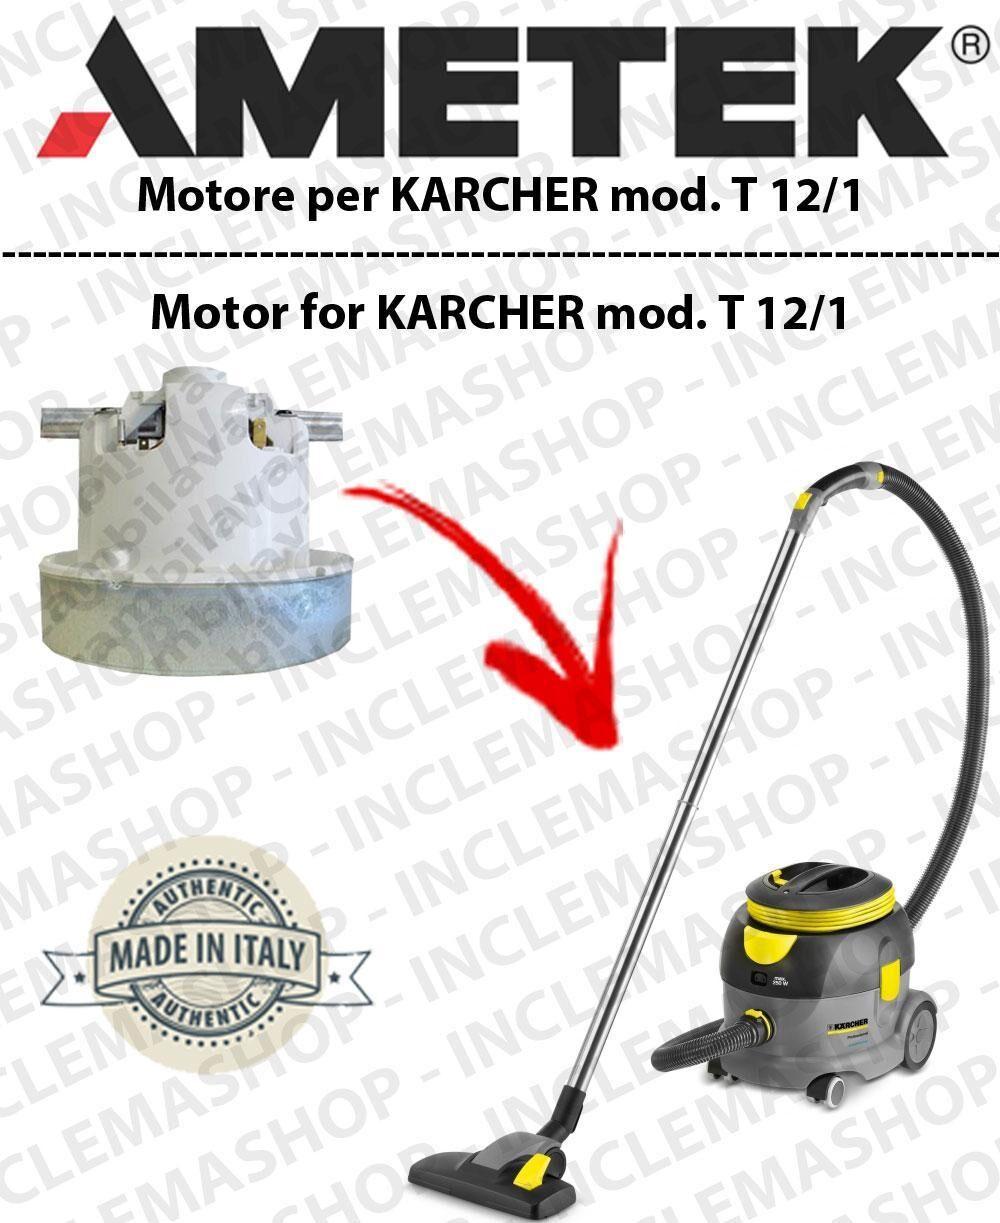 Karcher T 12/1 MOTORE AMETEK di aspirazione per aspirapolvere